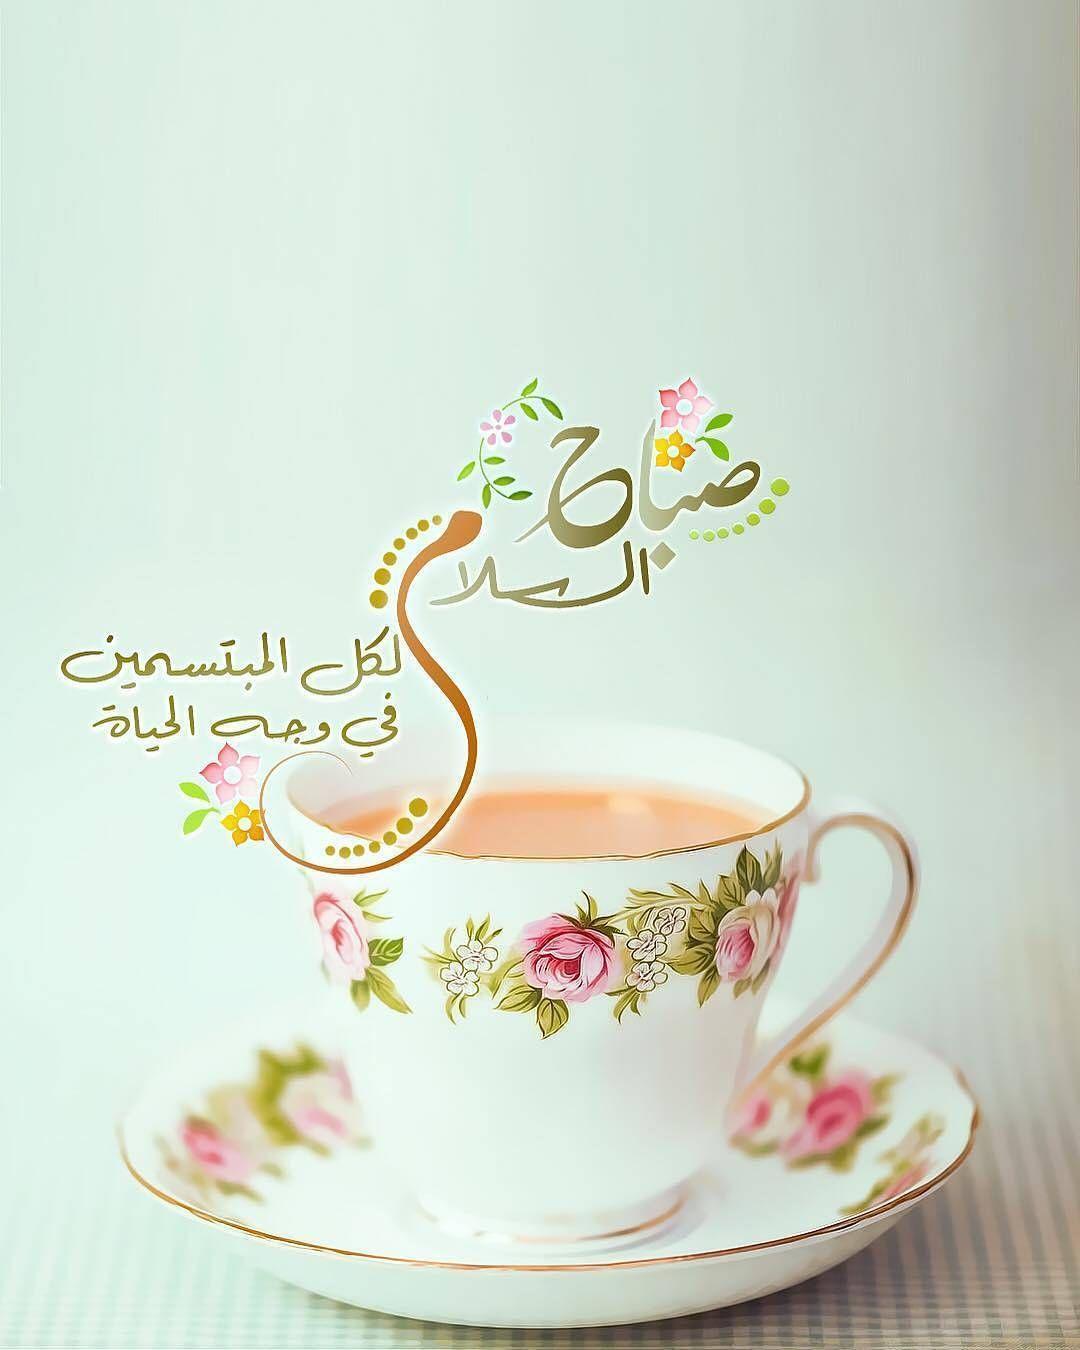 صباح الخير قال تعالى فاصبر على ما يقولون وسبح Kalima H Morning Greeting Islamic Art Calligraphy Good Morning Images